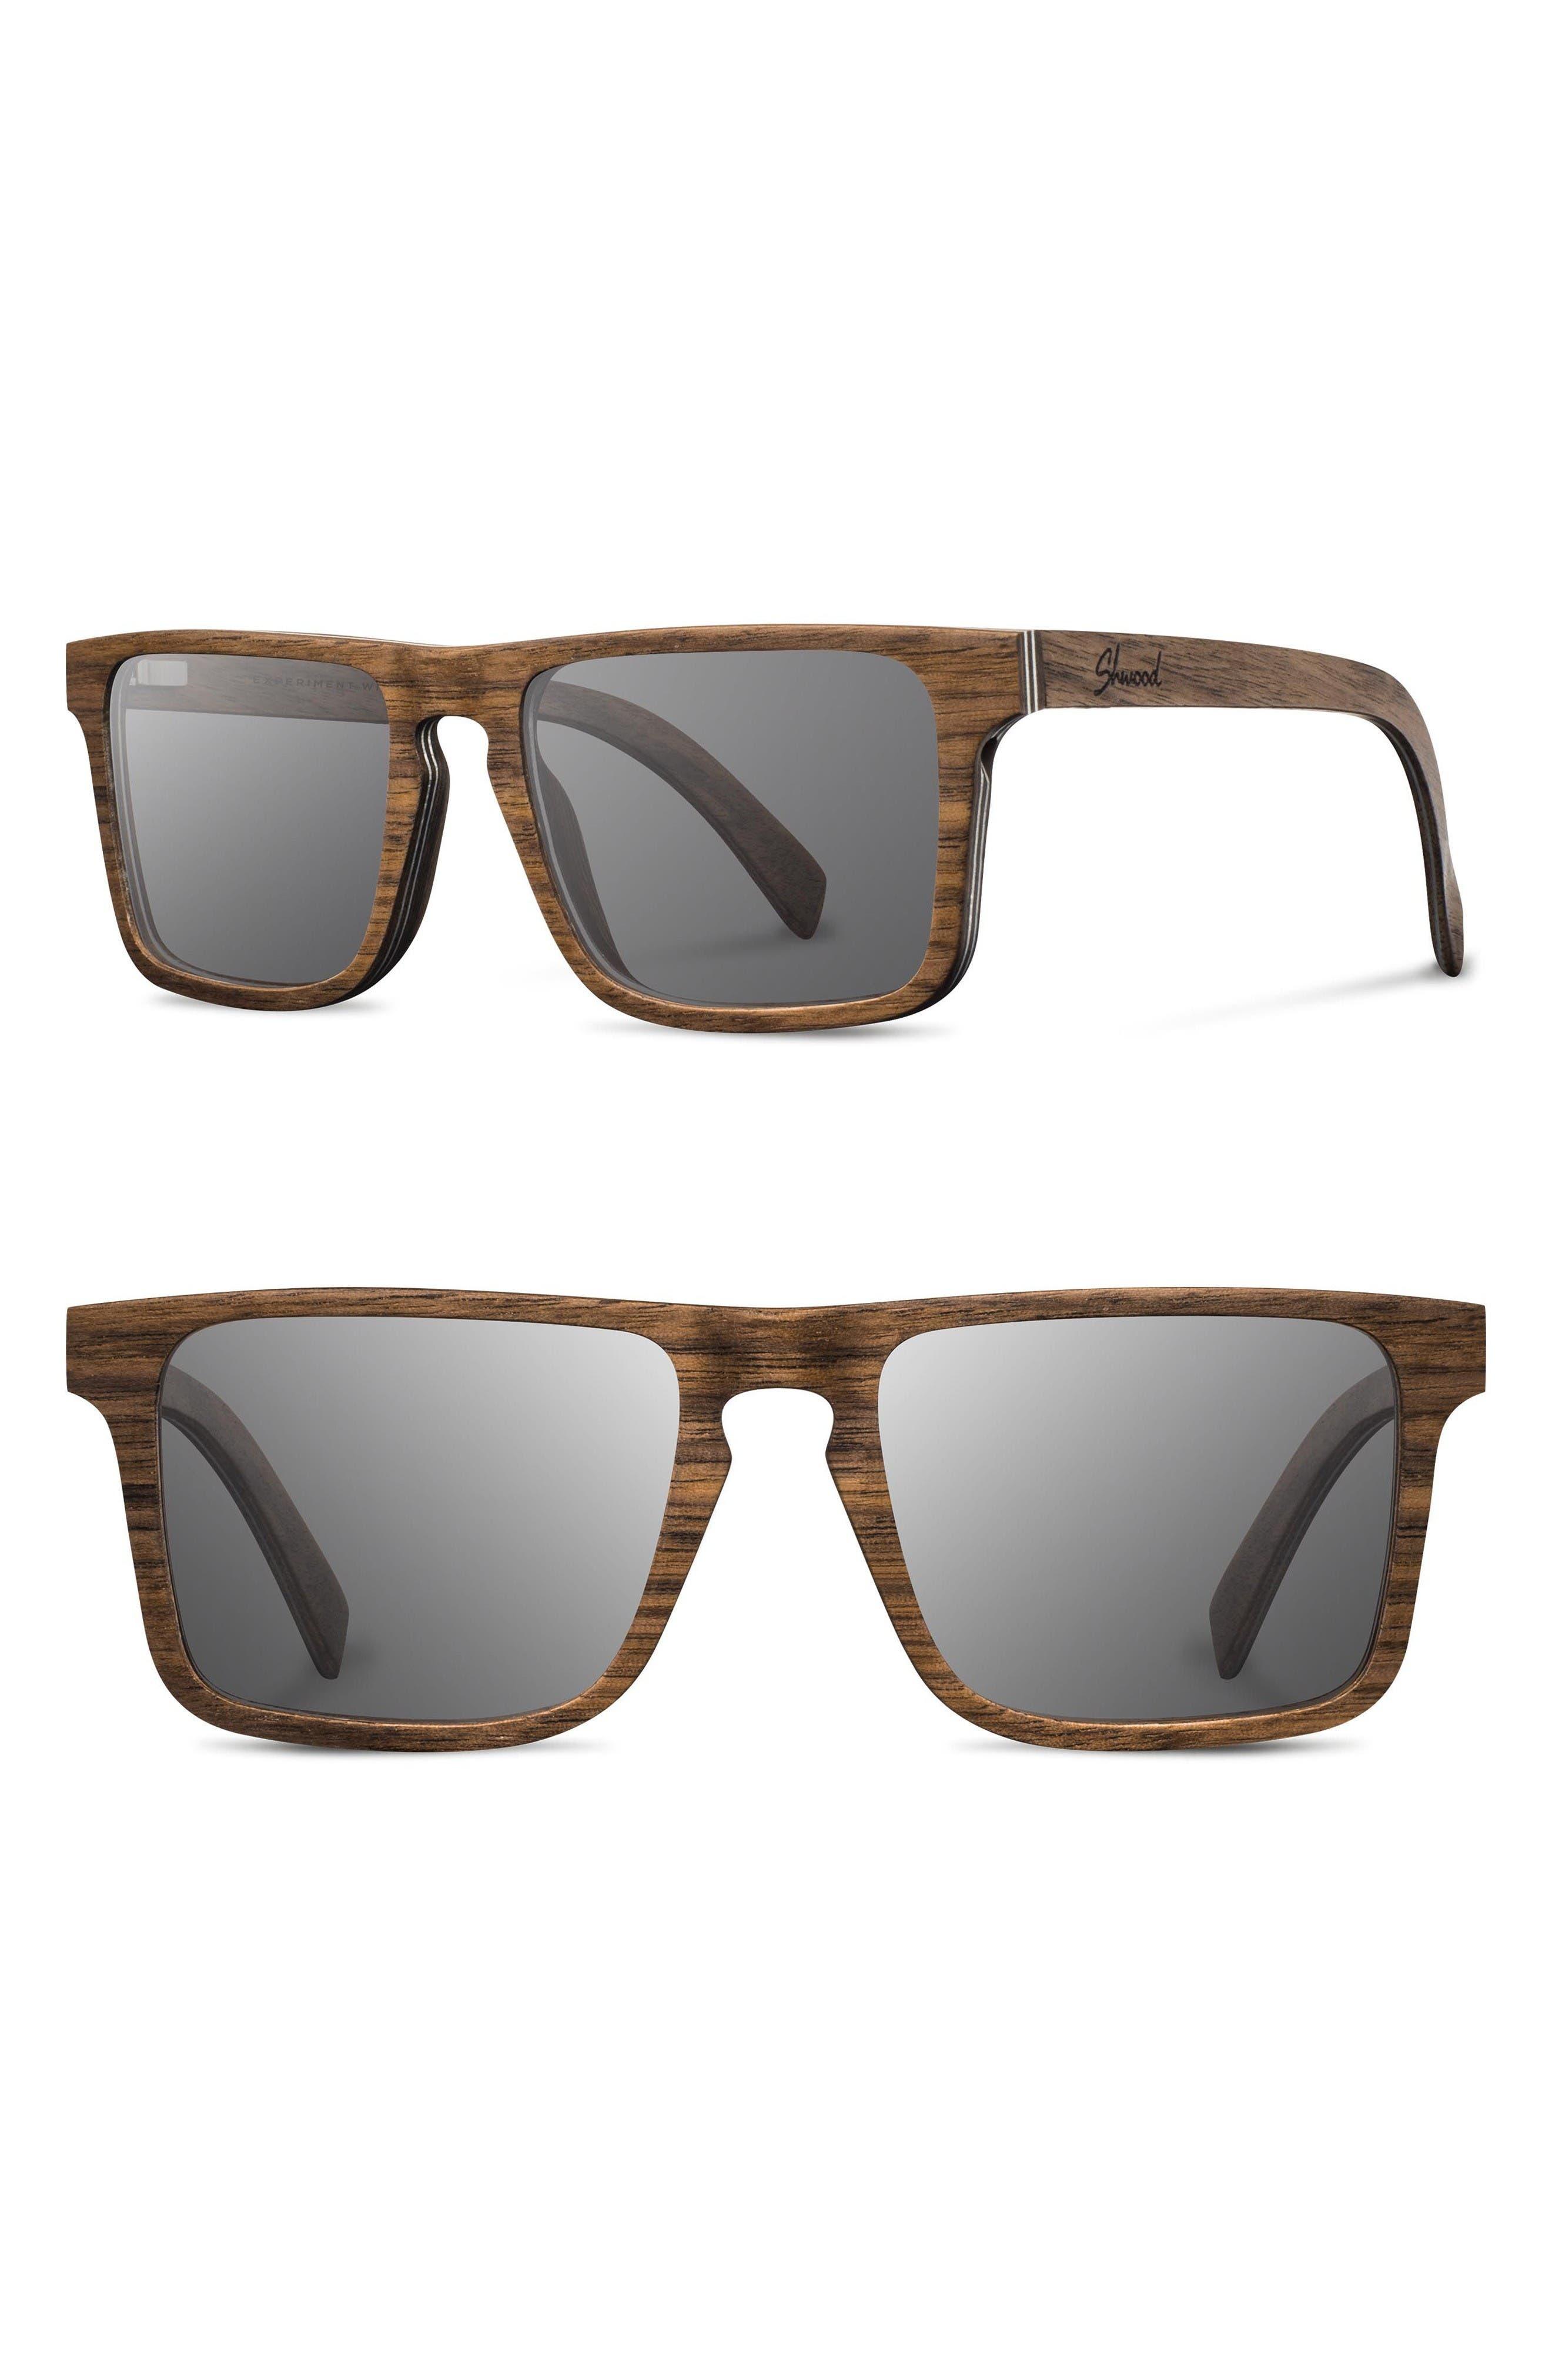 Main Image - Shwood Govy 2 52mm Polarized Wood Sunglasses